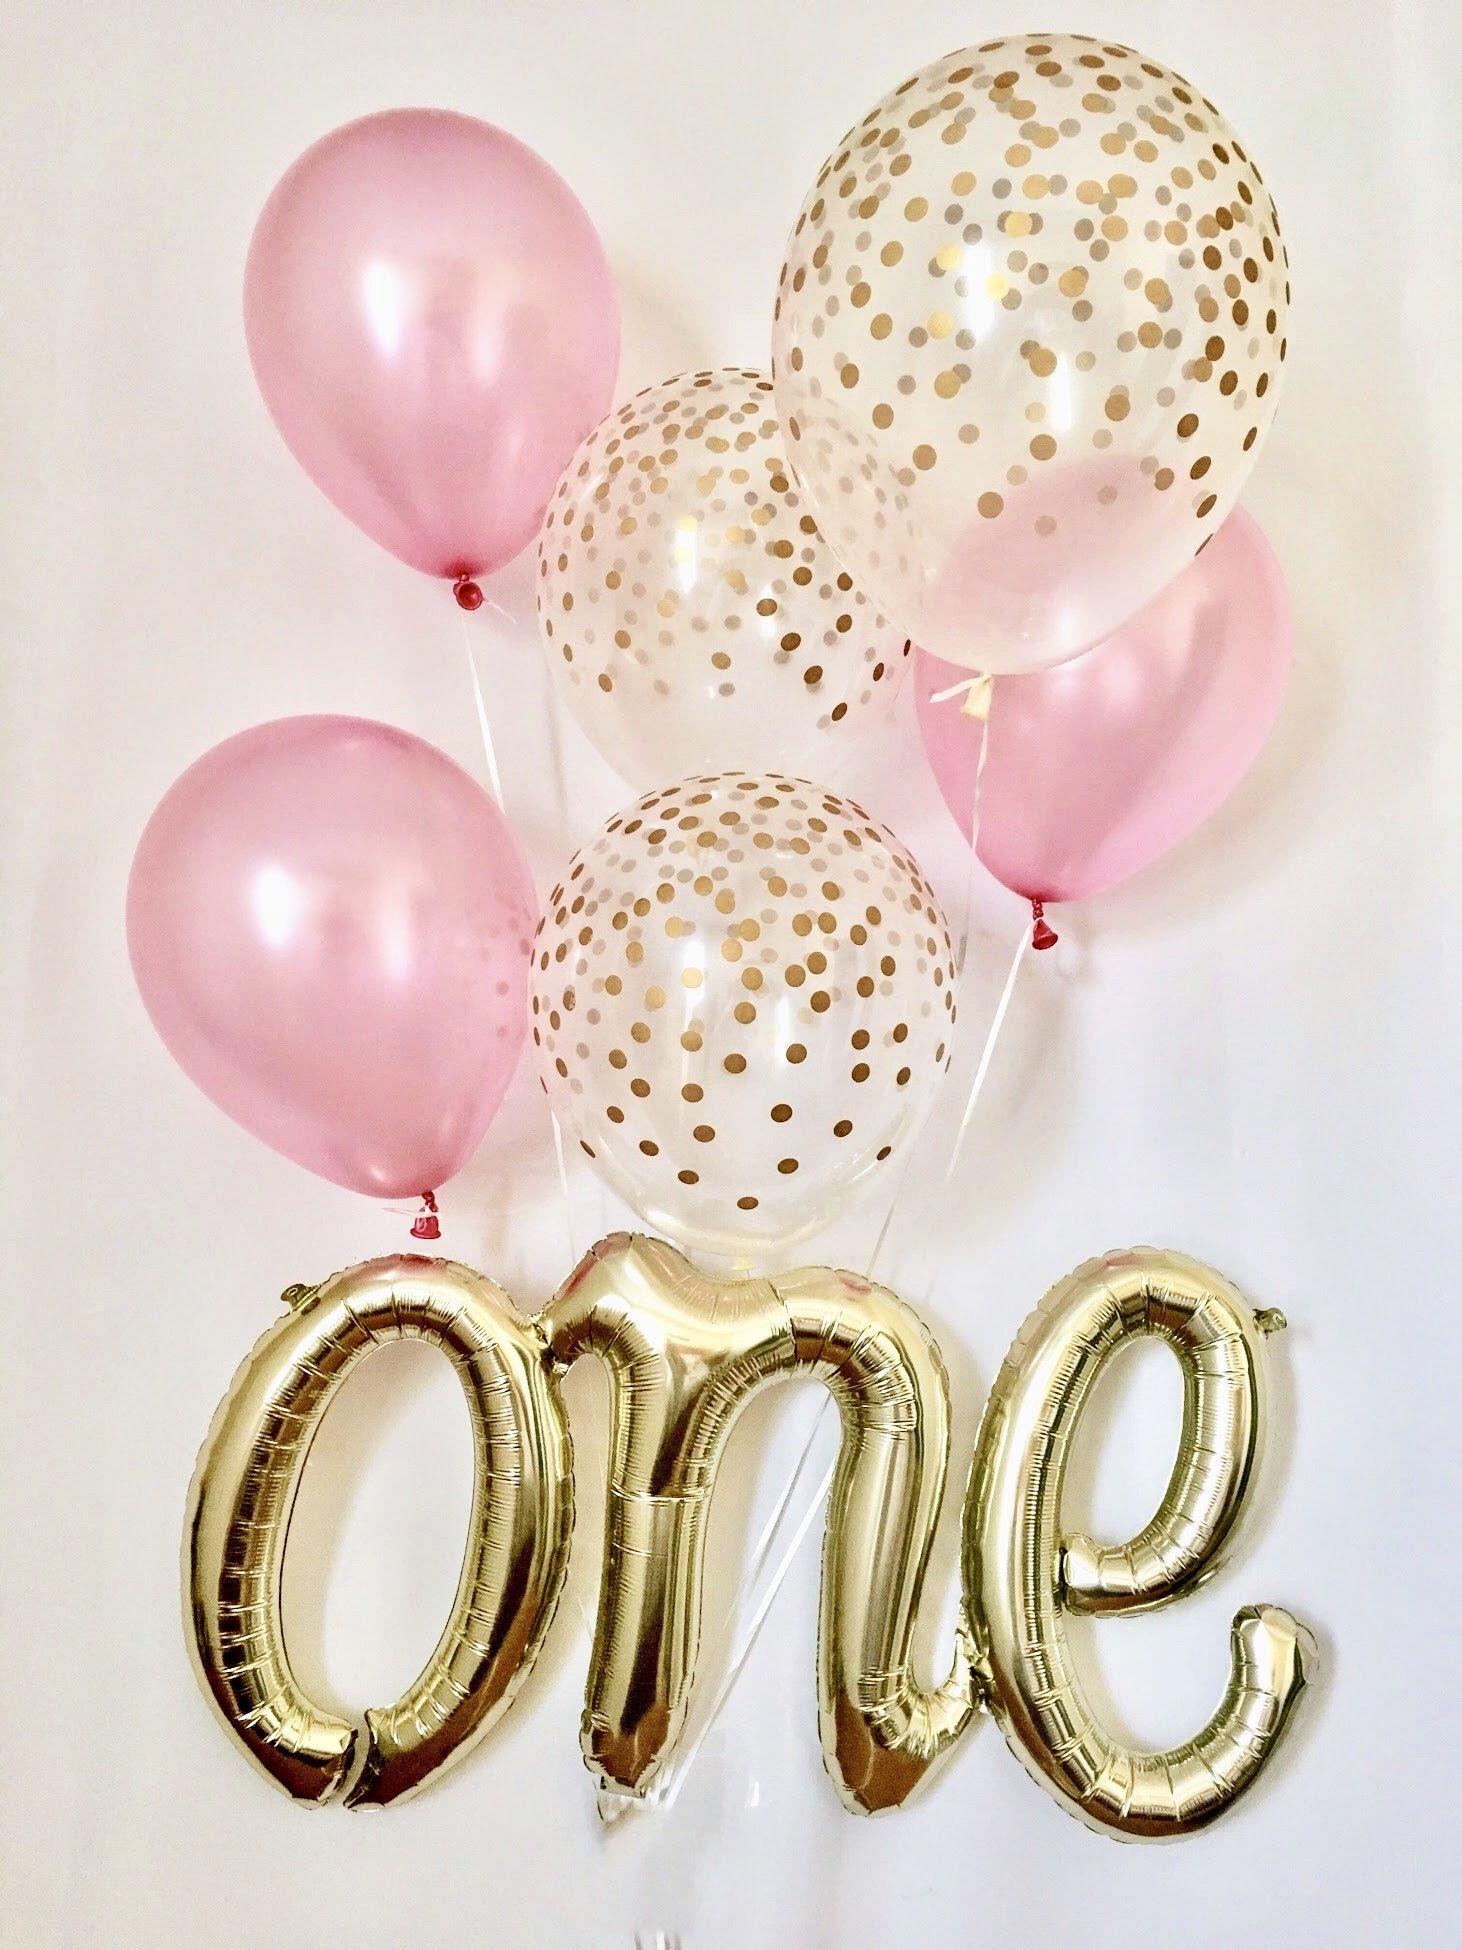 One Script Balloonone Balloonpink Gold First Birthday Balloon